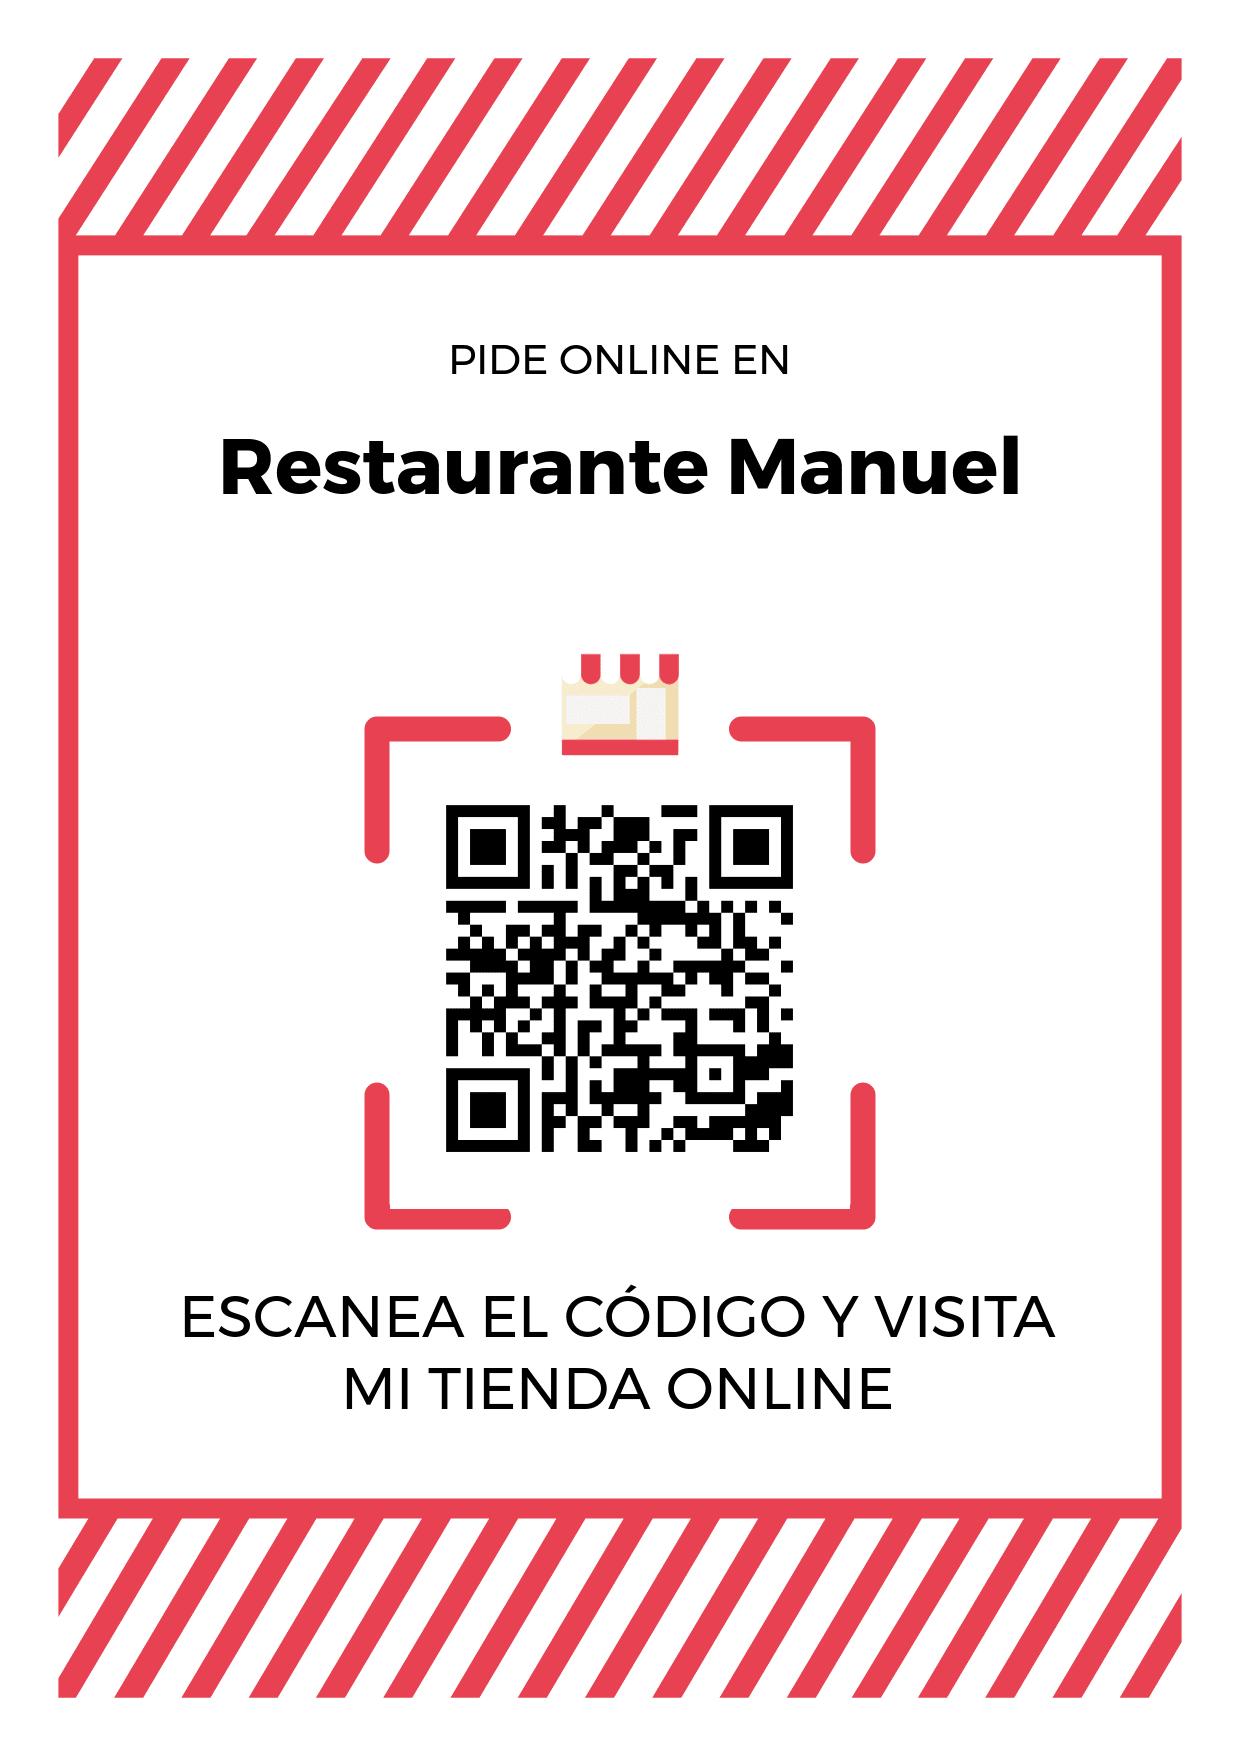 Cartel Póster de Código QR para tienda de Restaurante